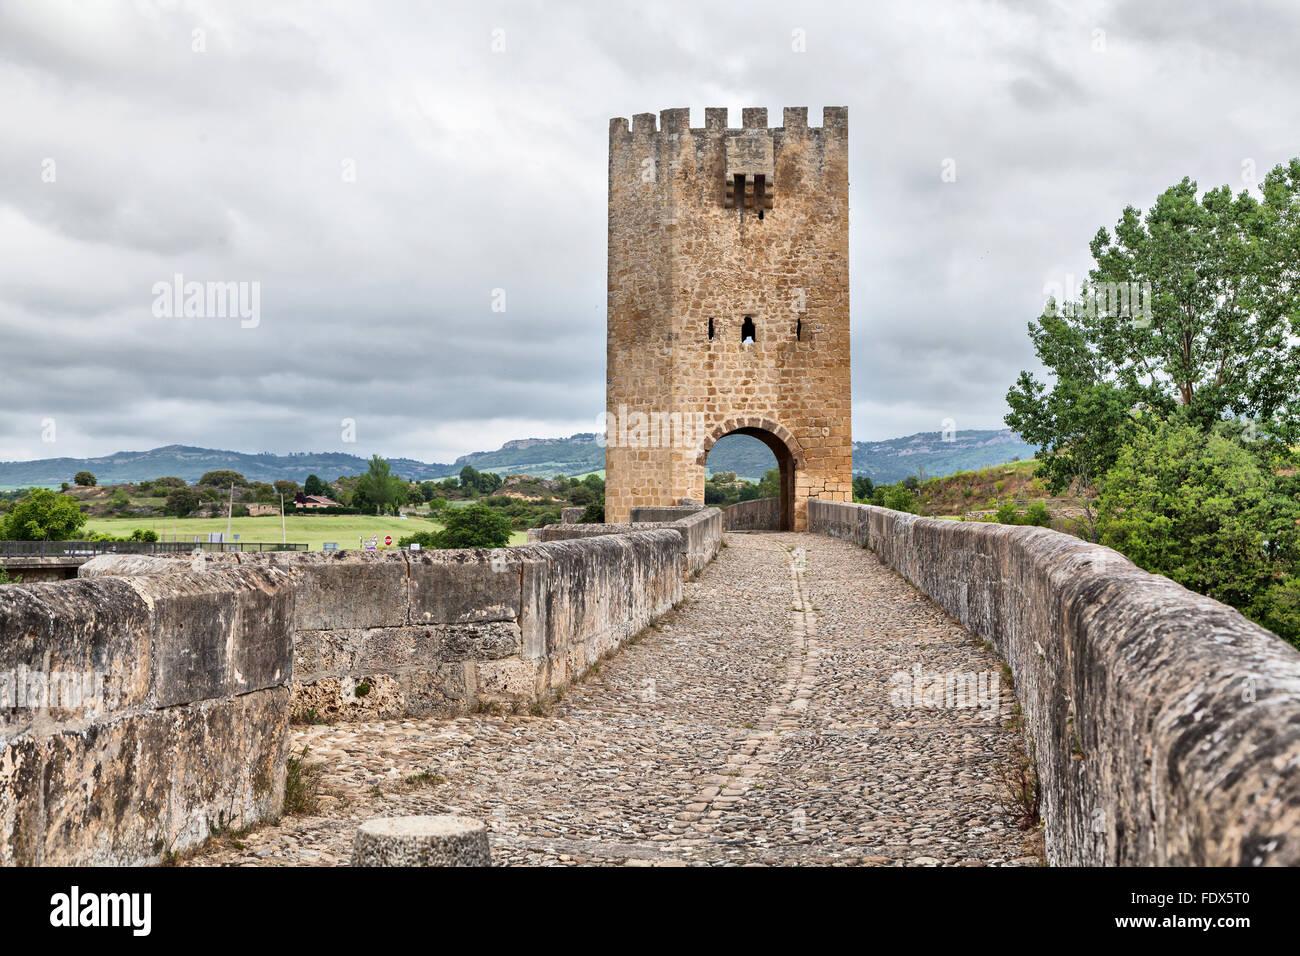 Puente de piedra medieval de Frías, provincia de Burgos, España Imagen De Stock